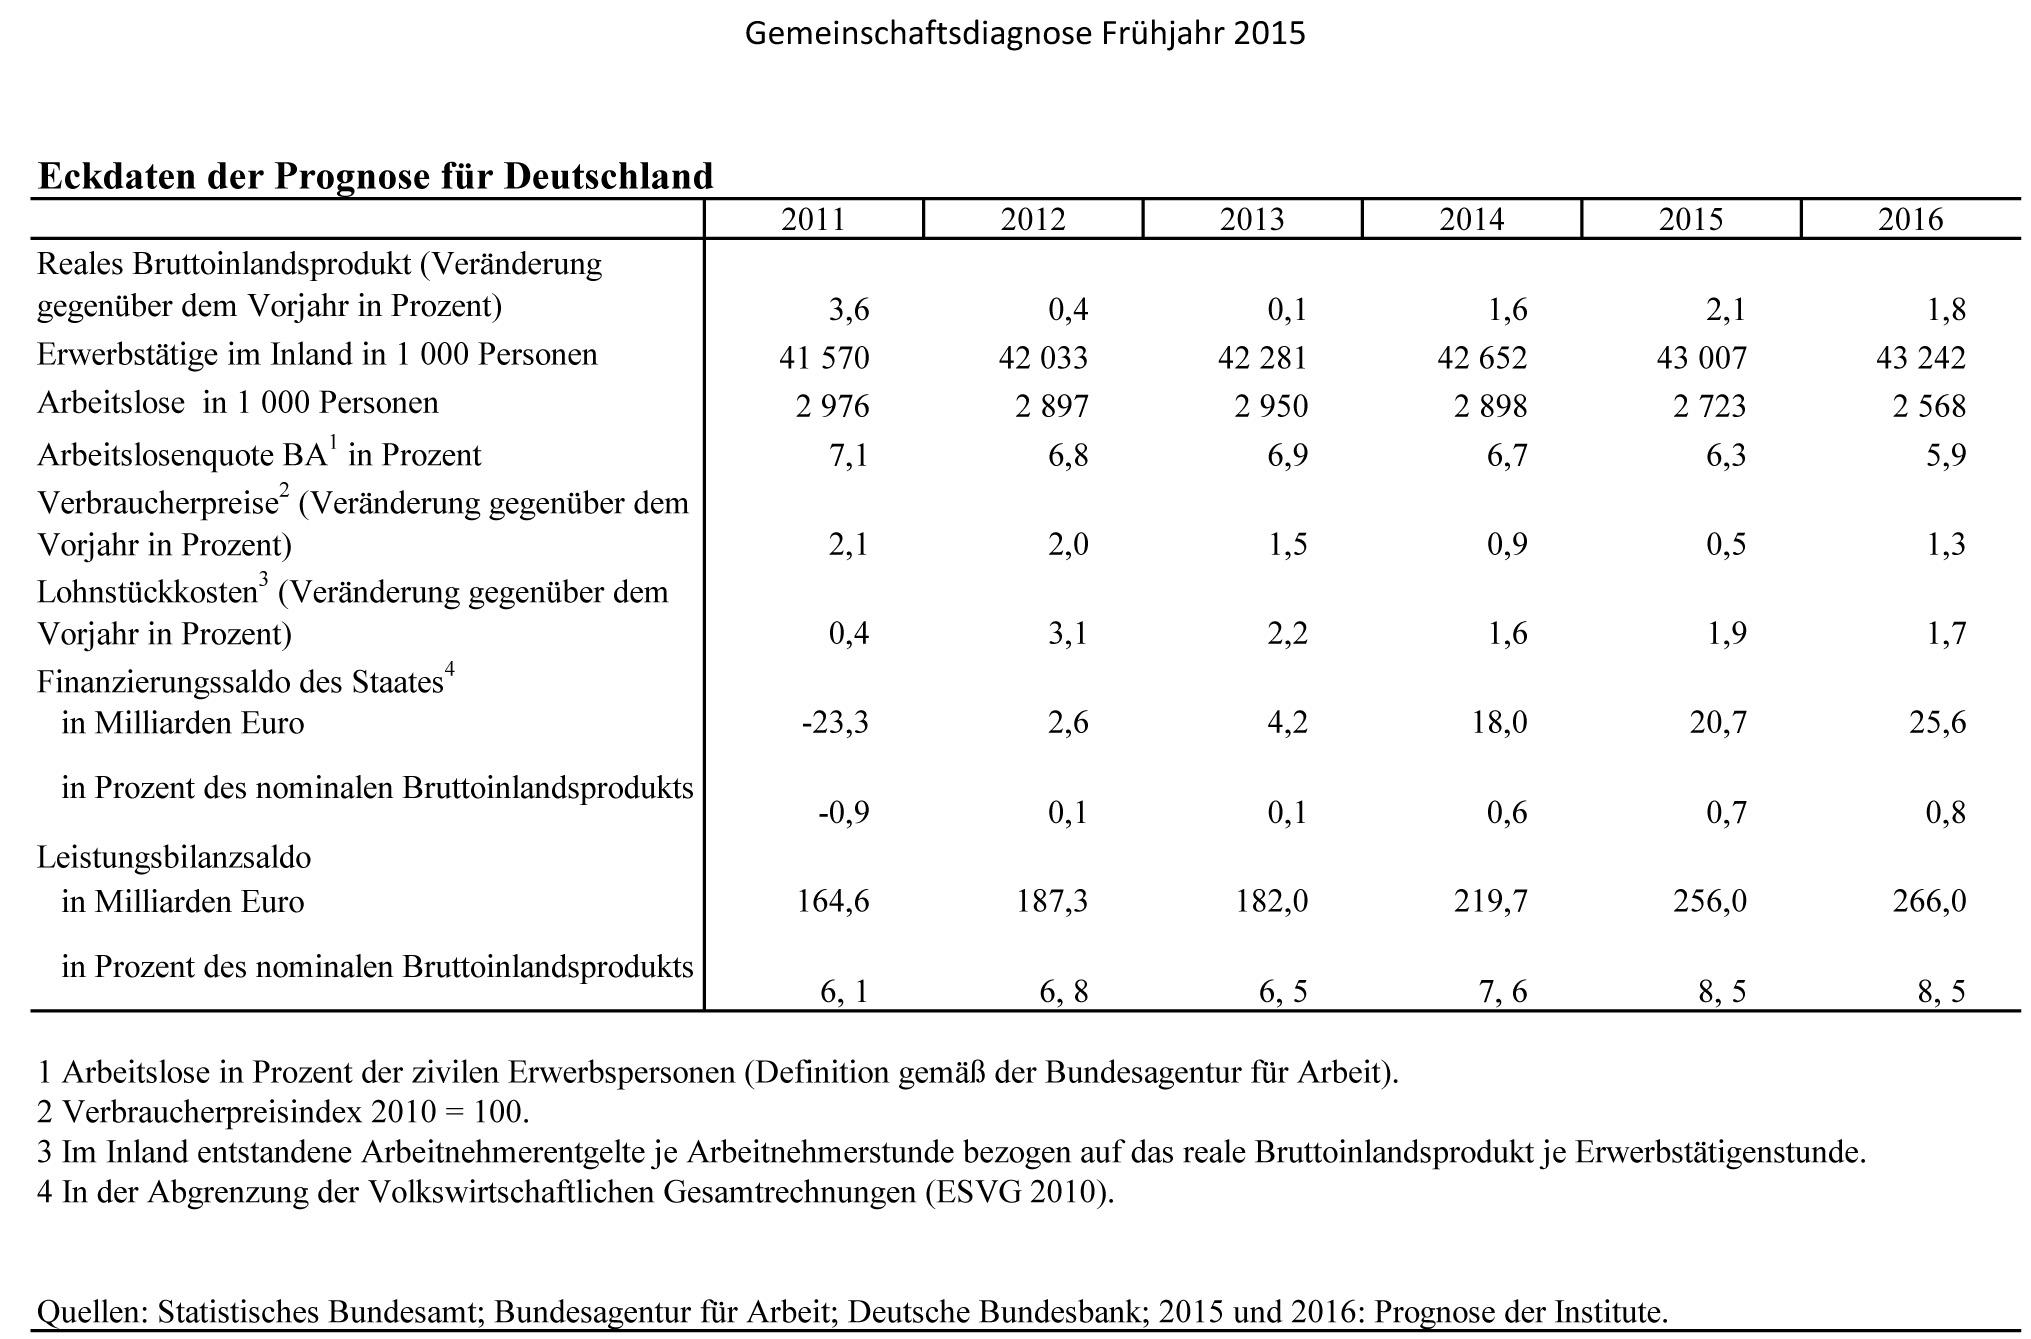 Eckdaten der Prognose fŸr die Bundesrepublik Deutschland